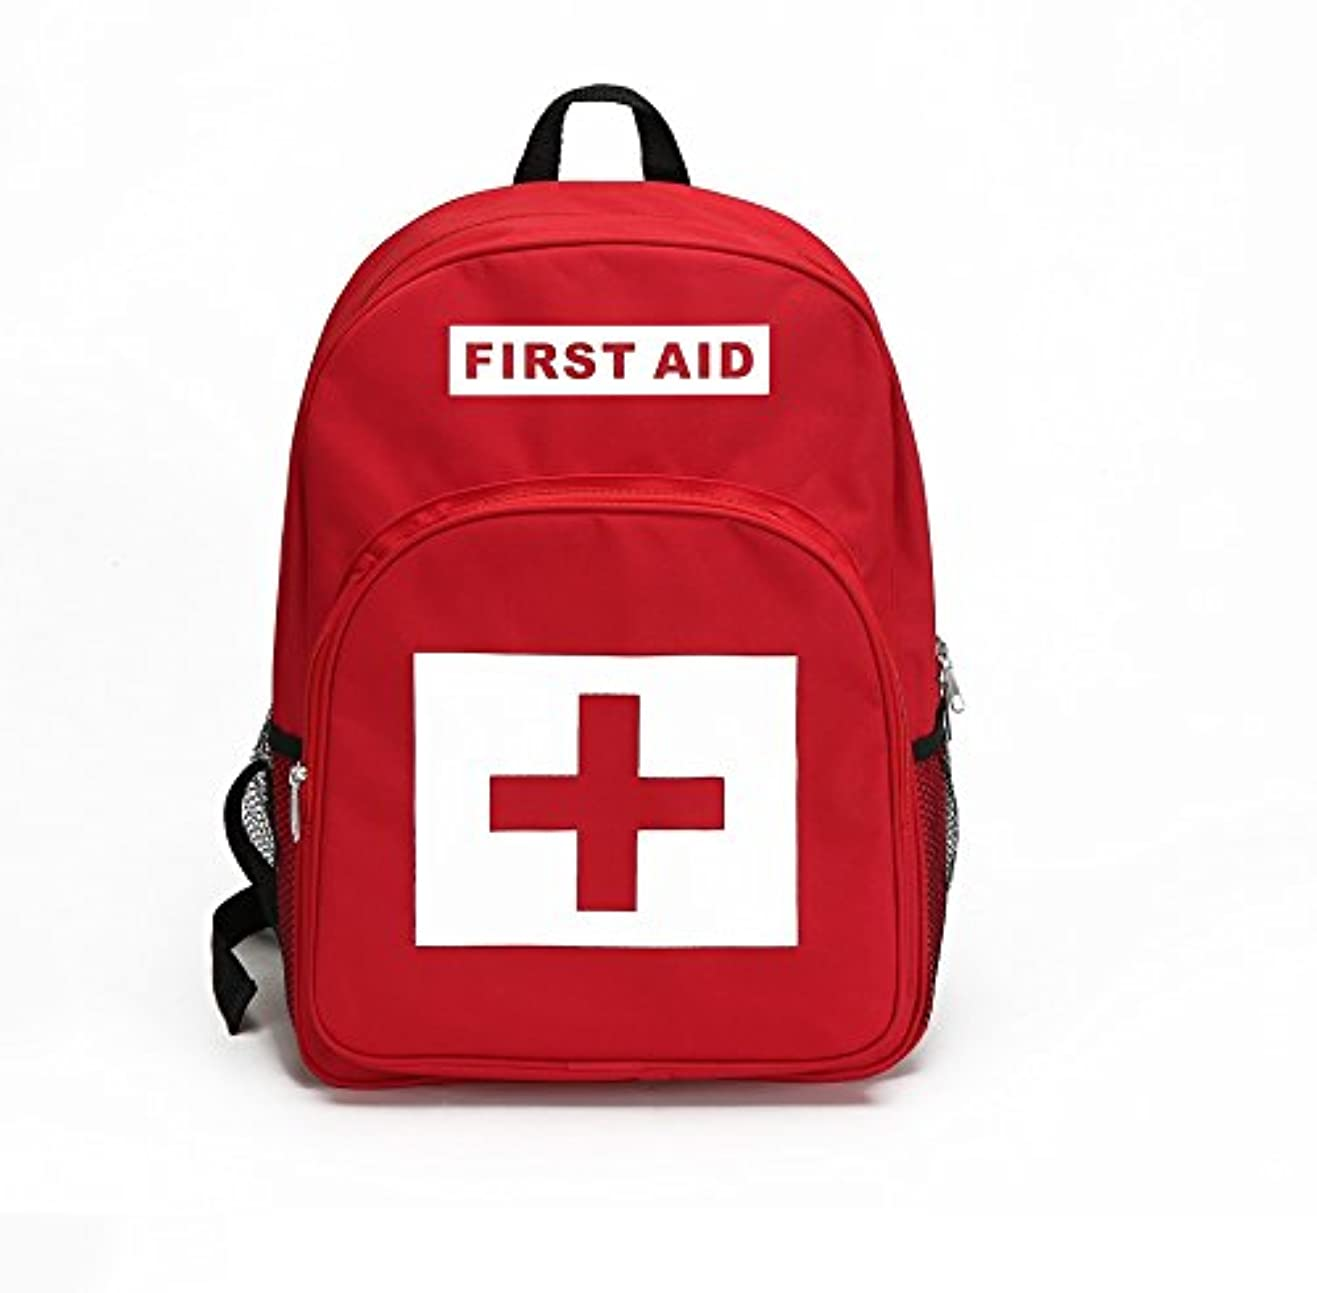 無視拍手召喚するファーストエイドキットの赤いバックパックは、緊急治療やハイキング、バックパック、キャンプ、旅行、車、サイクリングをパックします。すべてのアウトドアアドベンチャーに最適または家庭&職場で準備する (赤 B, M)